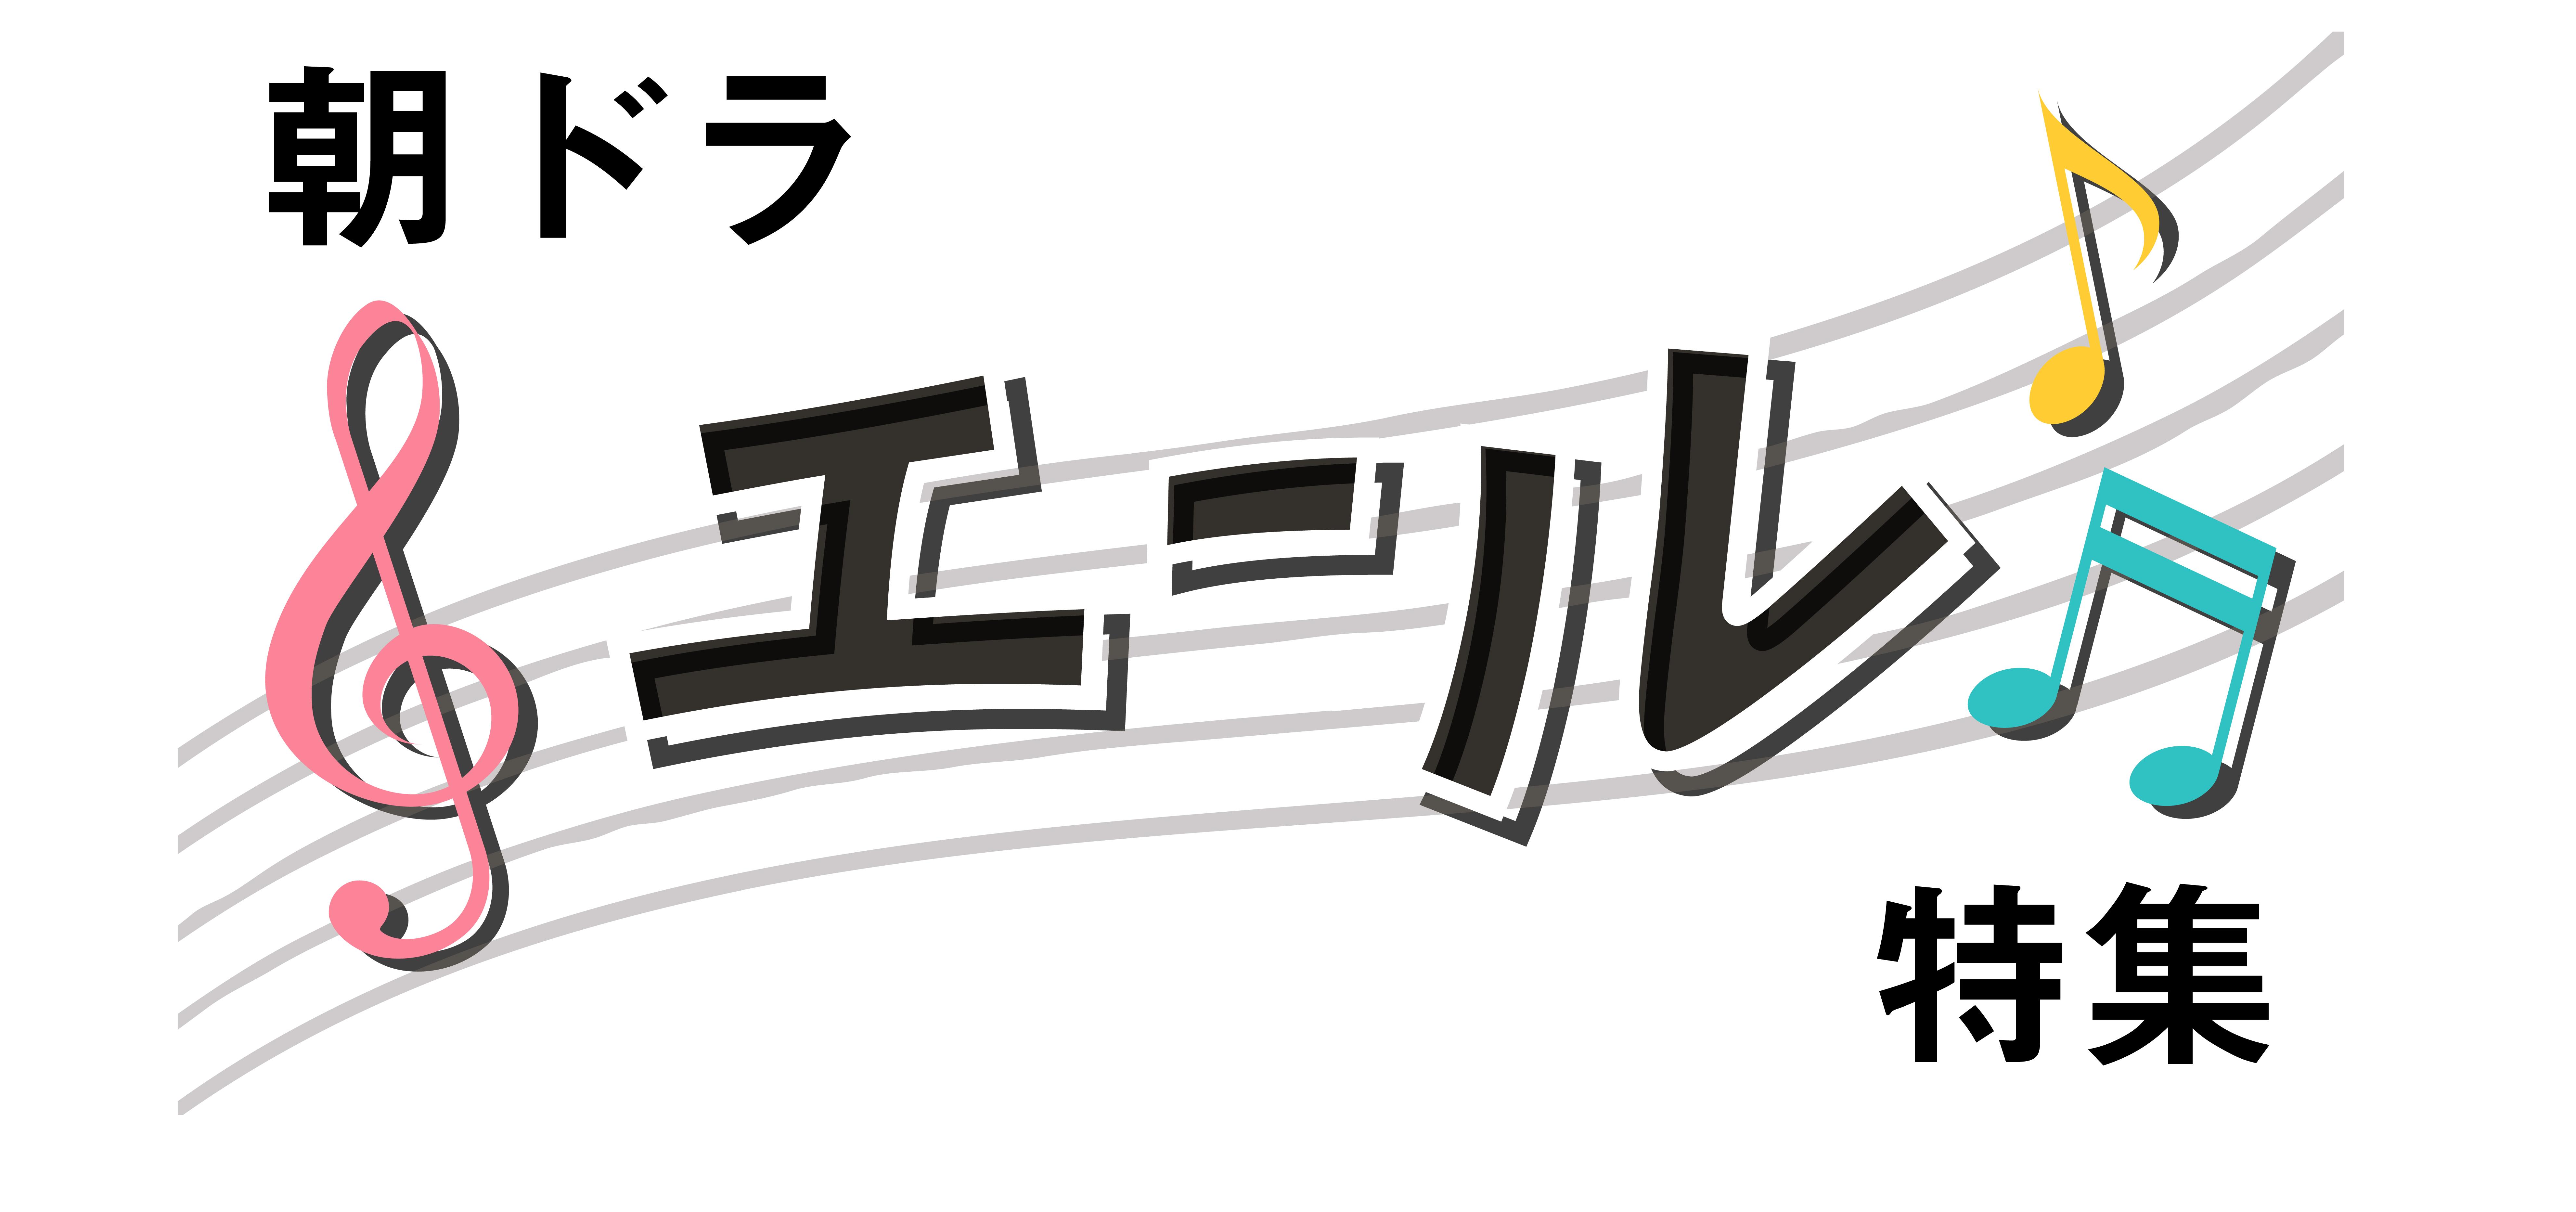 今日 の テレビ 福島